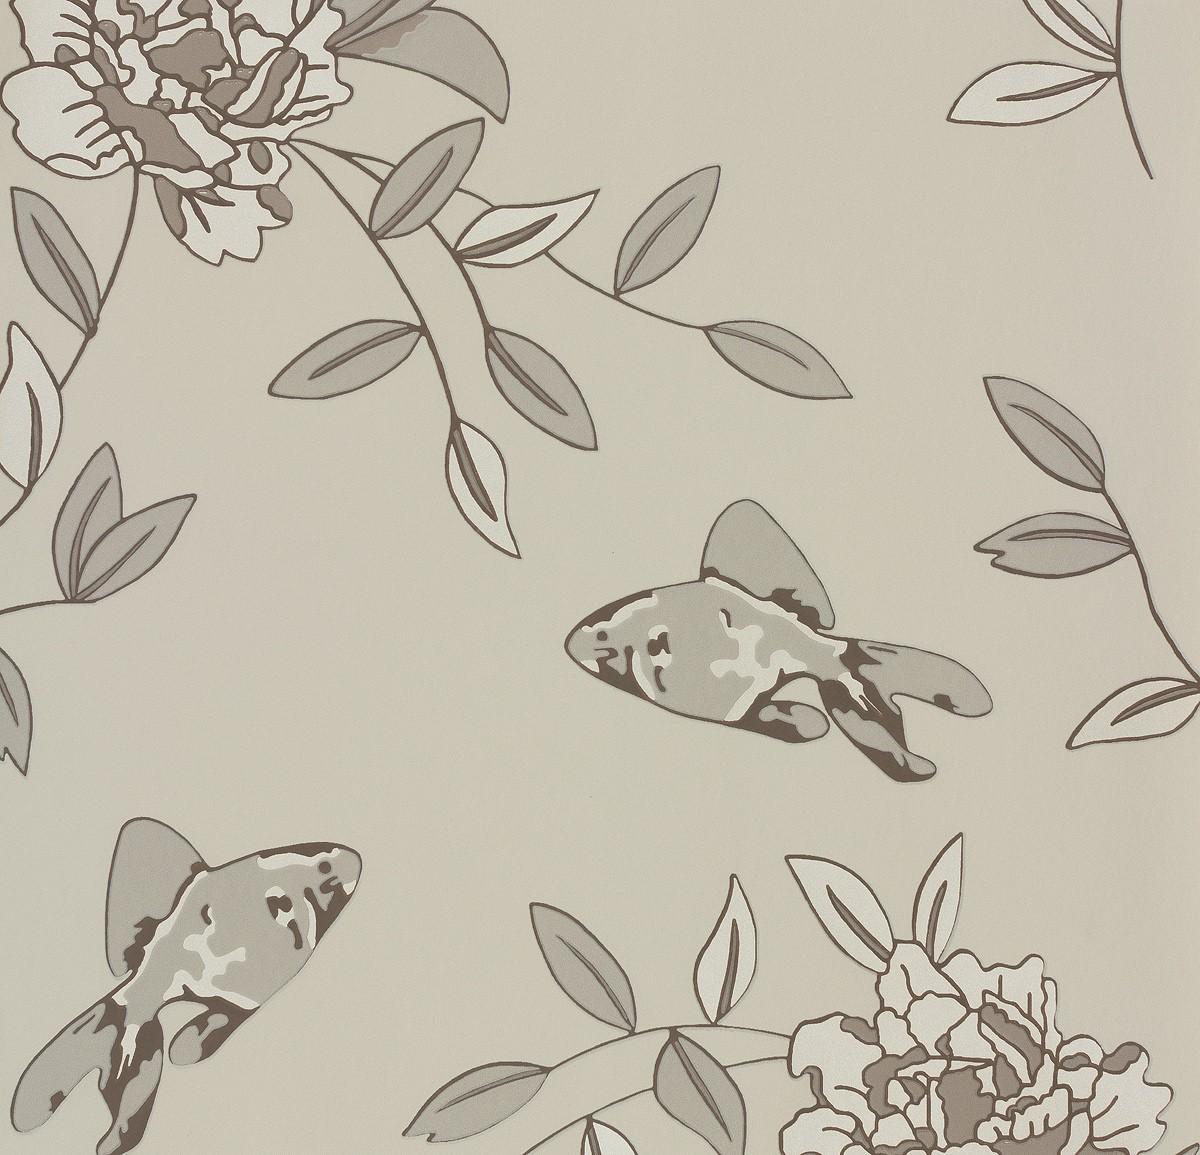 vliestapete naf naf a s cr ation tapete 95228 1 952281 fische beige grau. Black Bedroom Furniture Sets. Home Design Ideas